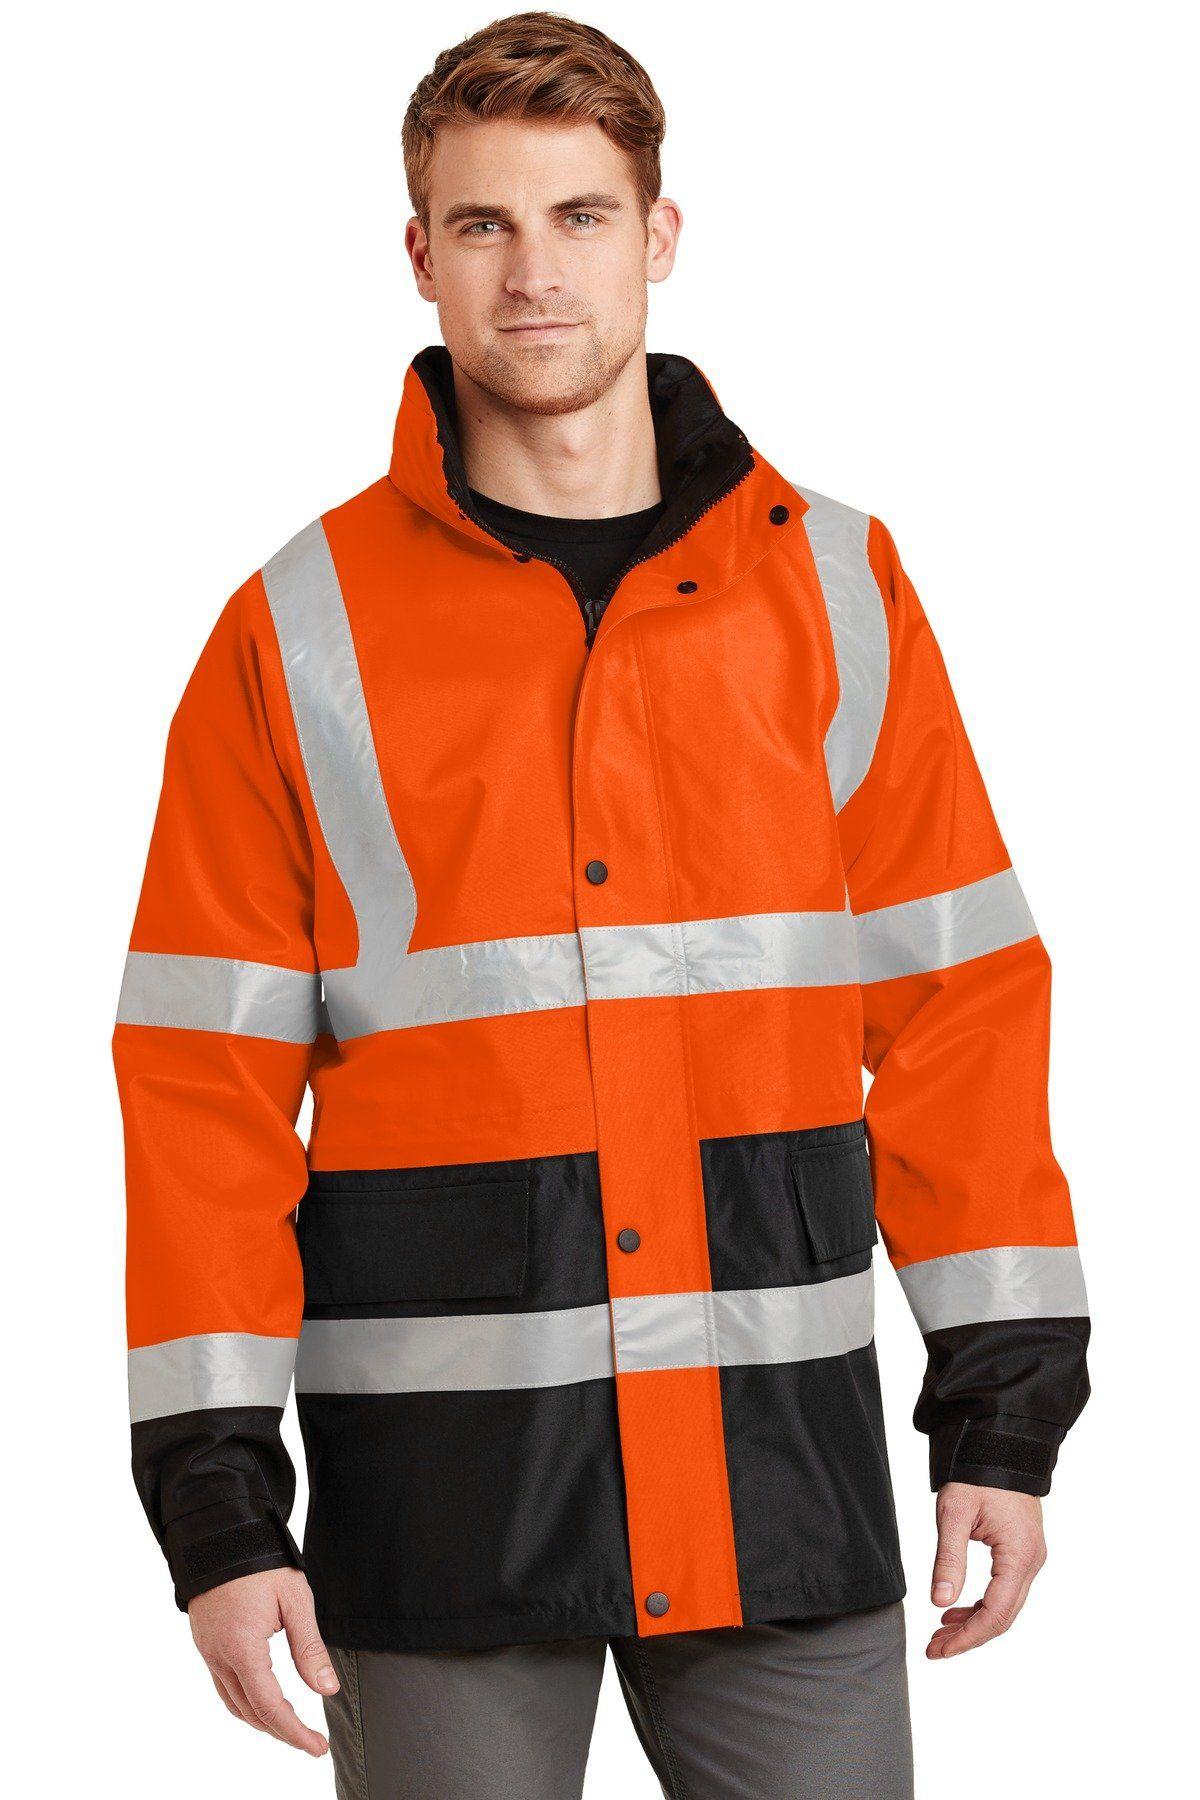 class 3 safety vest black